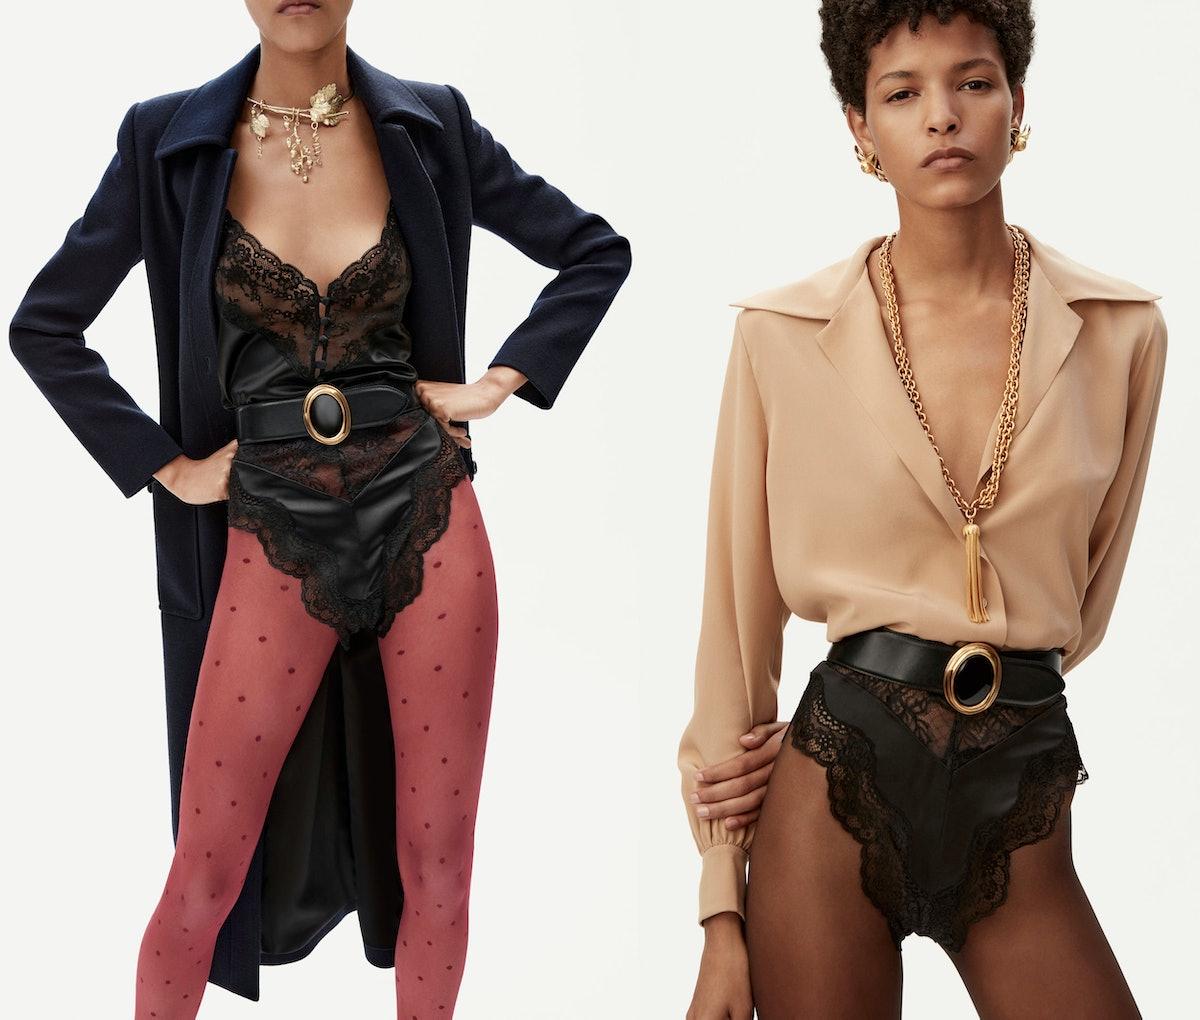 Two Saint Laurent models